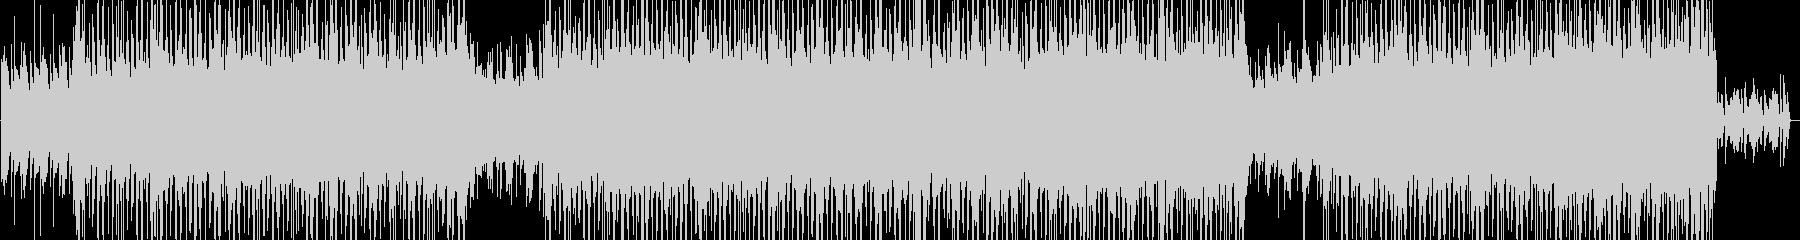 サード、スムースジャズ。リニア、ト...の未再生の波形